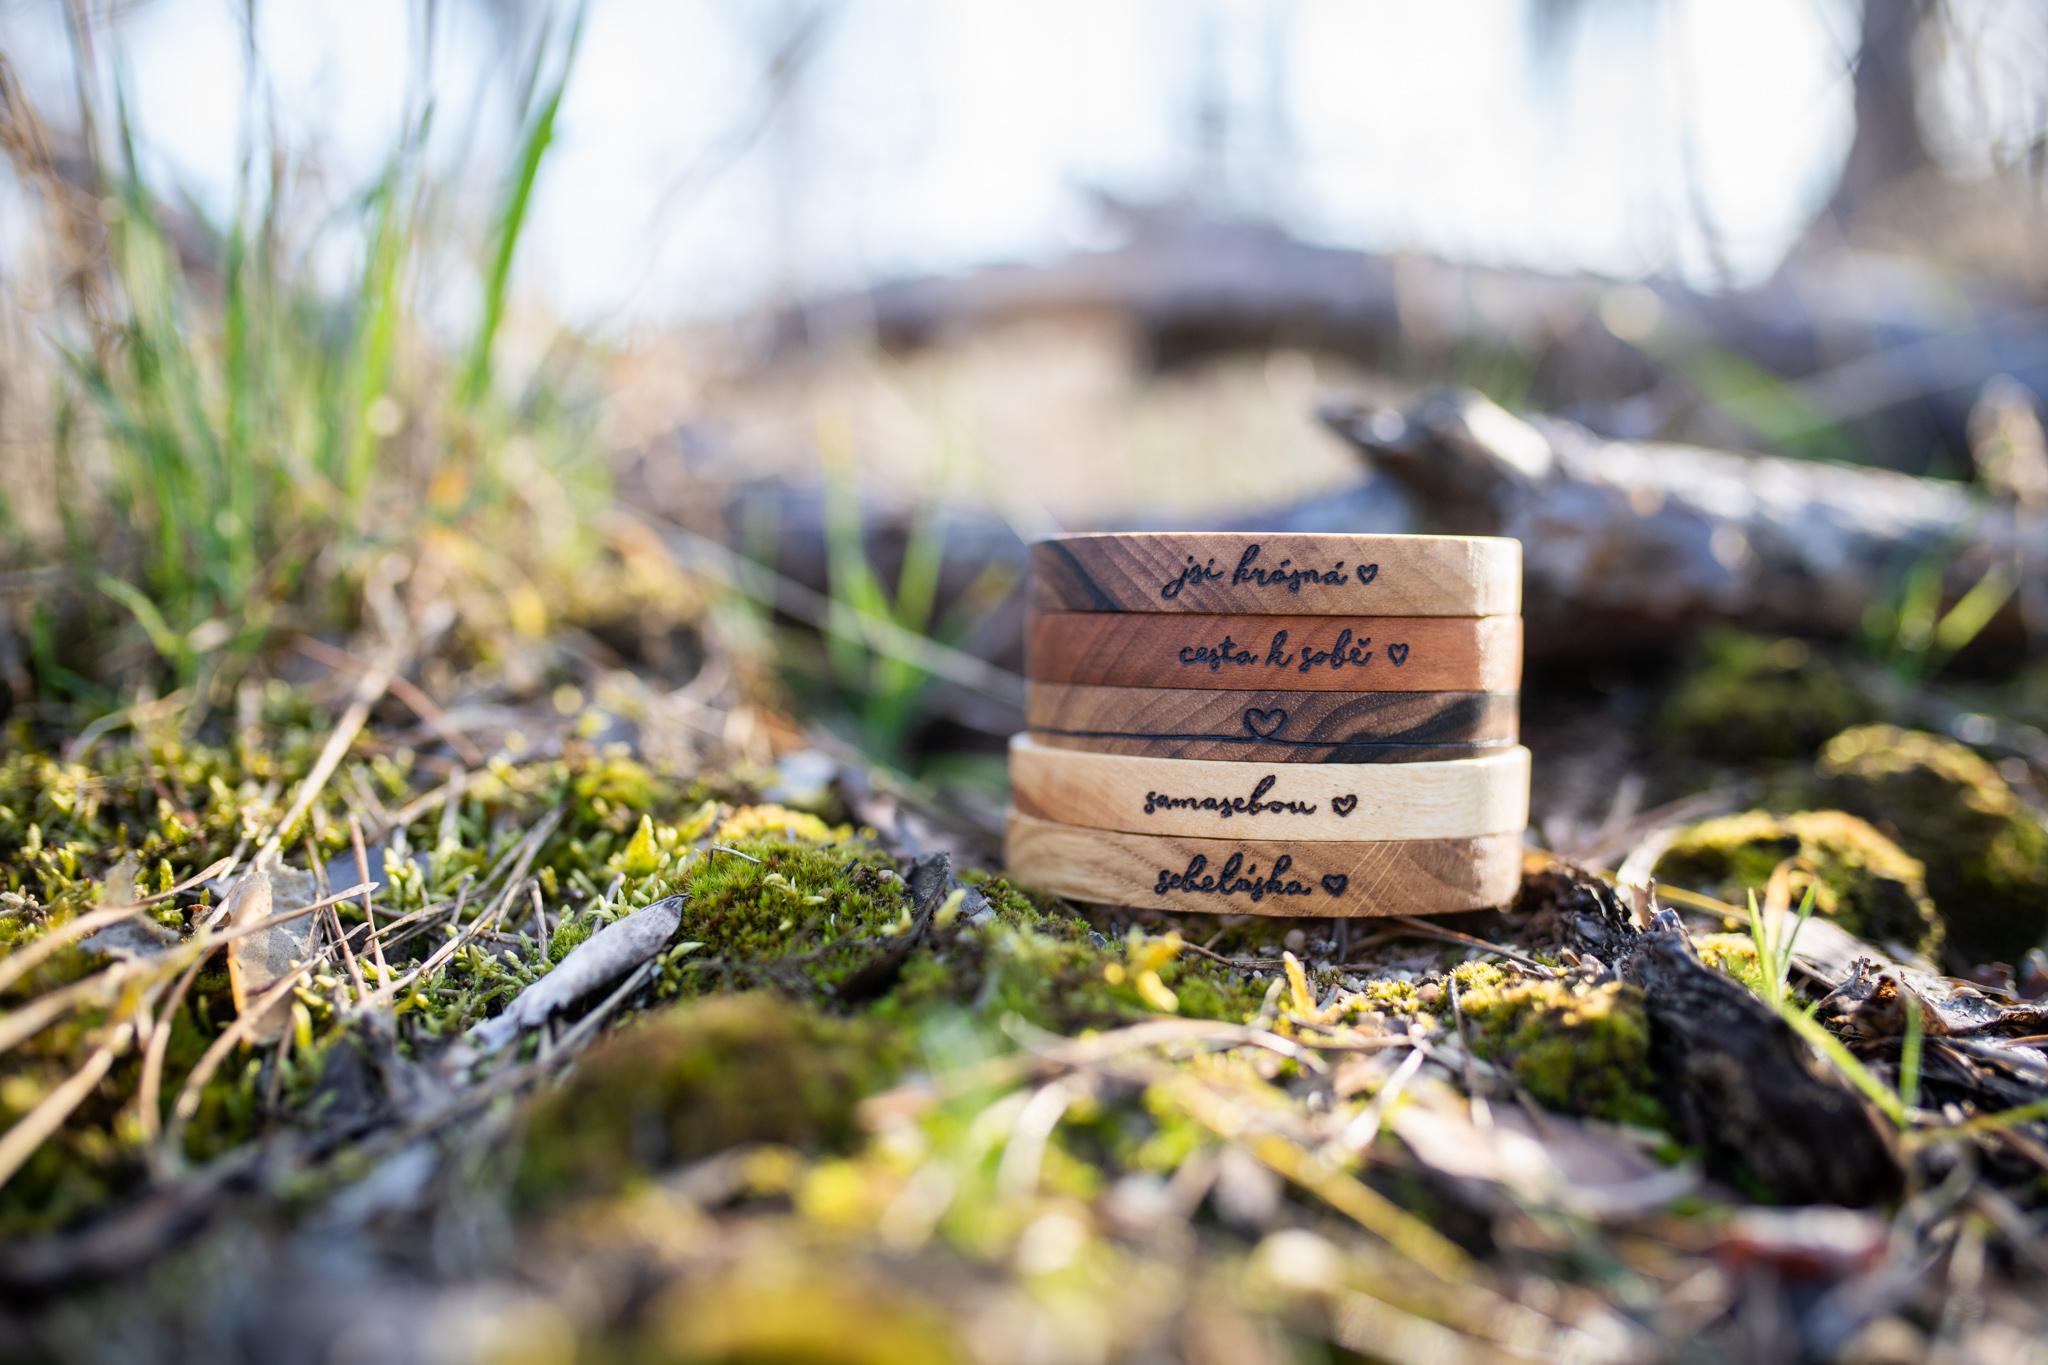 Celodřevěné náramky s vypálenými slovy jako samasebou, jsi krásná, sebeláska, cesta k sobě... Náramky jsou vyrobeny z ořechového, třešňového, dubového, a jasanového dřeva a jsou ošetřeny přírodní směsí Odie's oil. (Vyrobeno ručně)